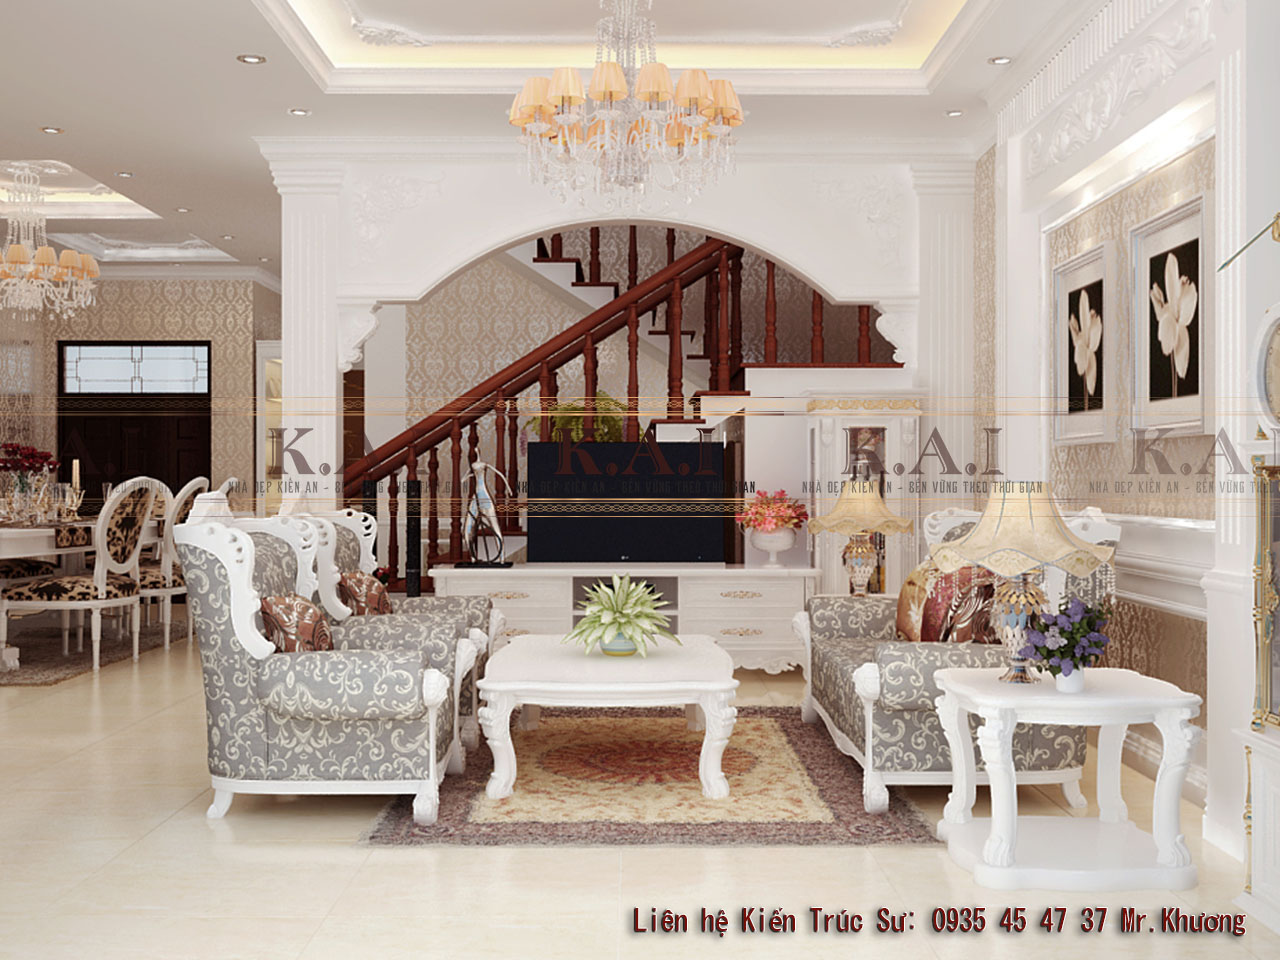 Mẫu thiết kế nội thất phong cách tân cổ điển tại Sài Gòn